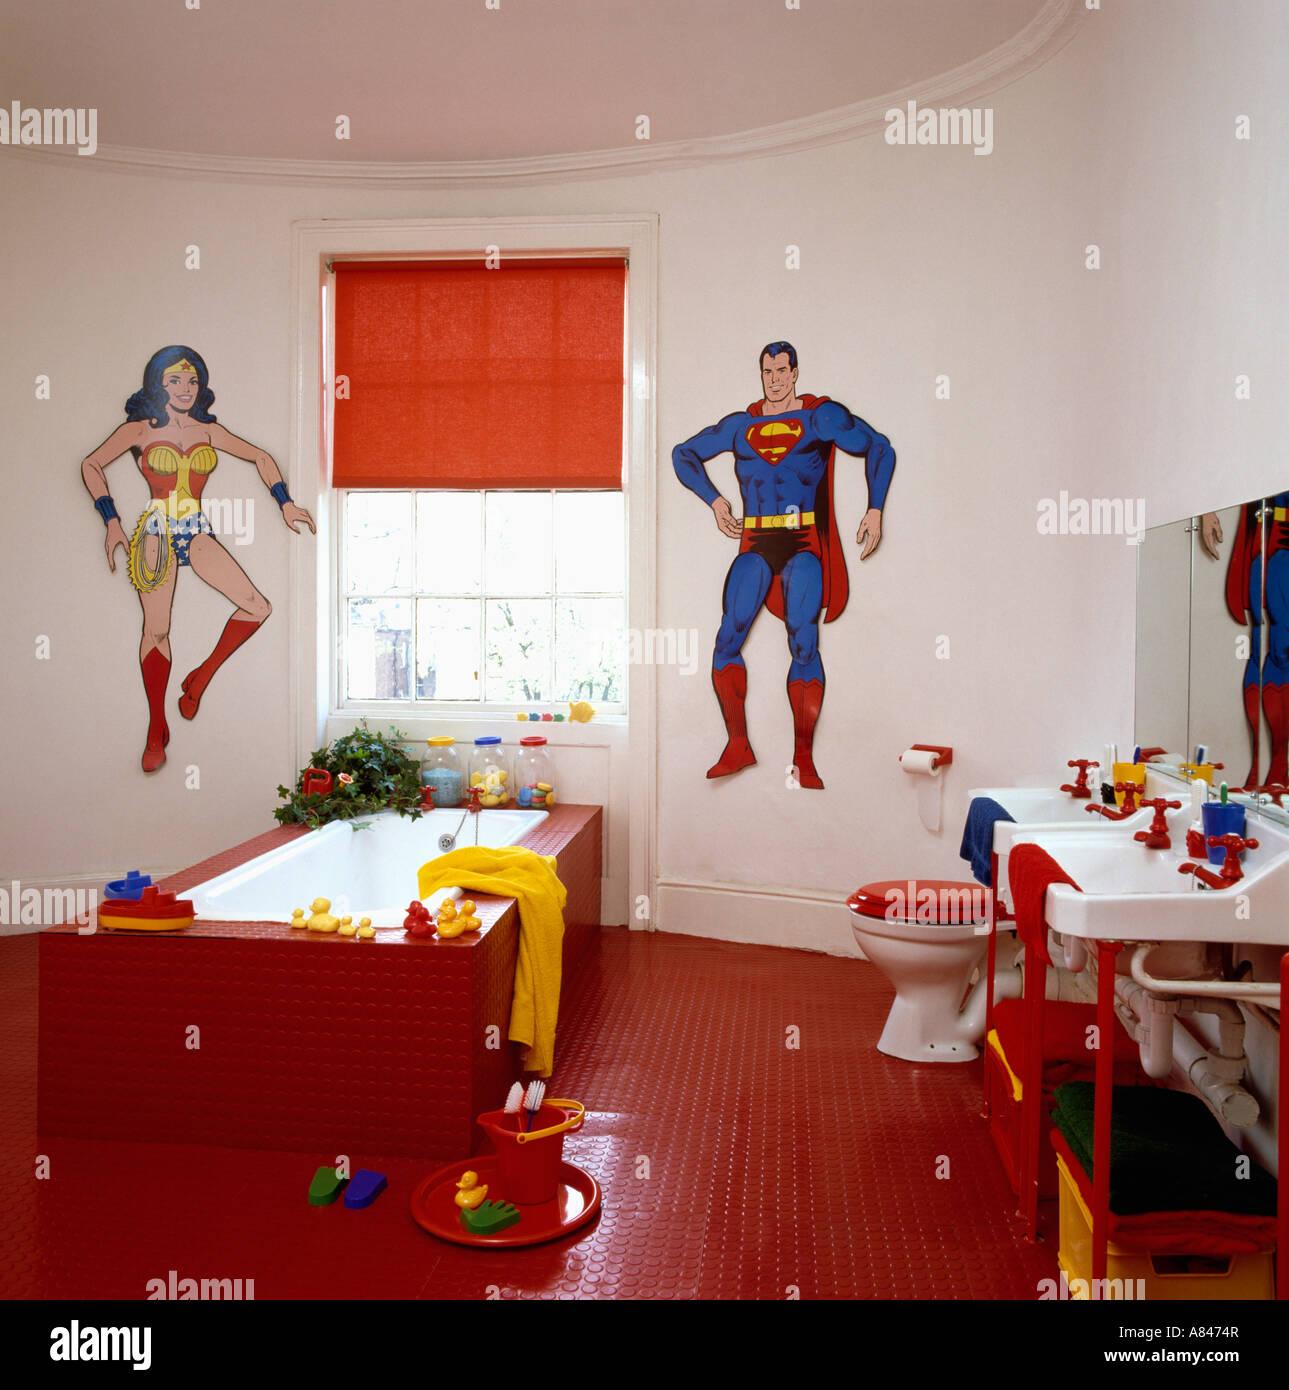 Superman y Superwoman murales en la pared del cuarto de baño para ...